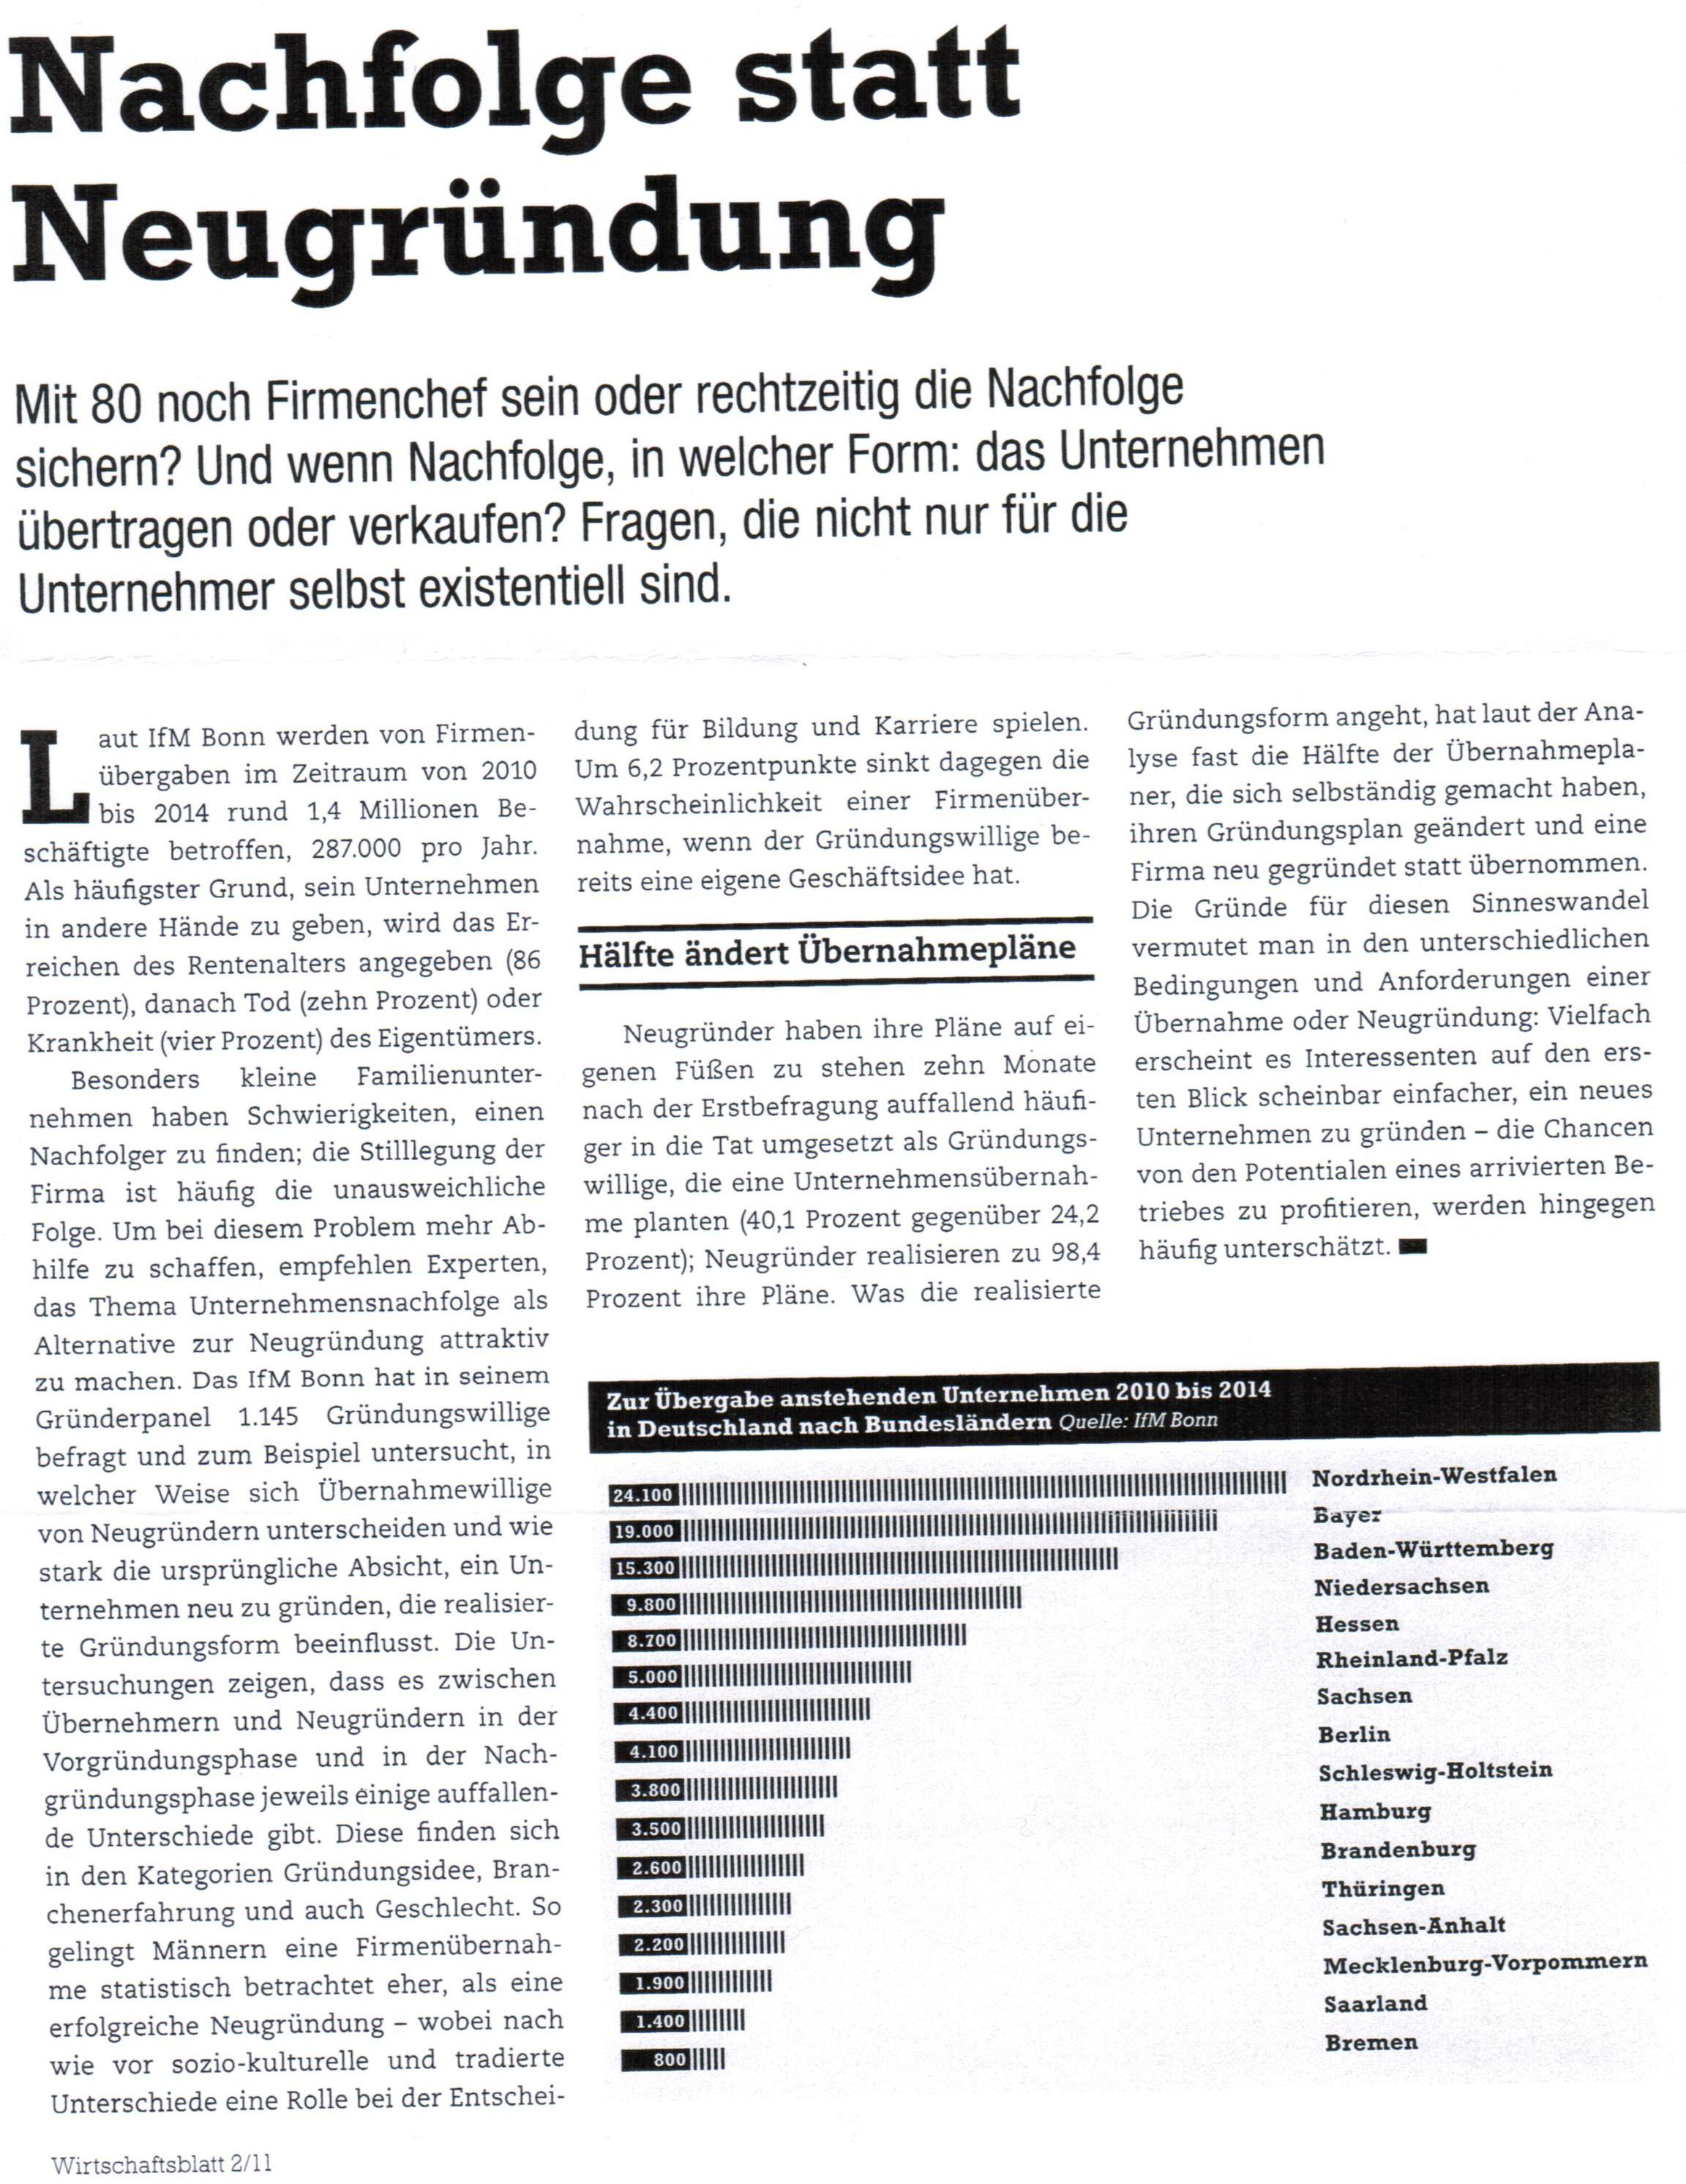 wirtschaftsblatt-2-11